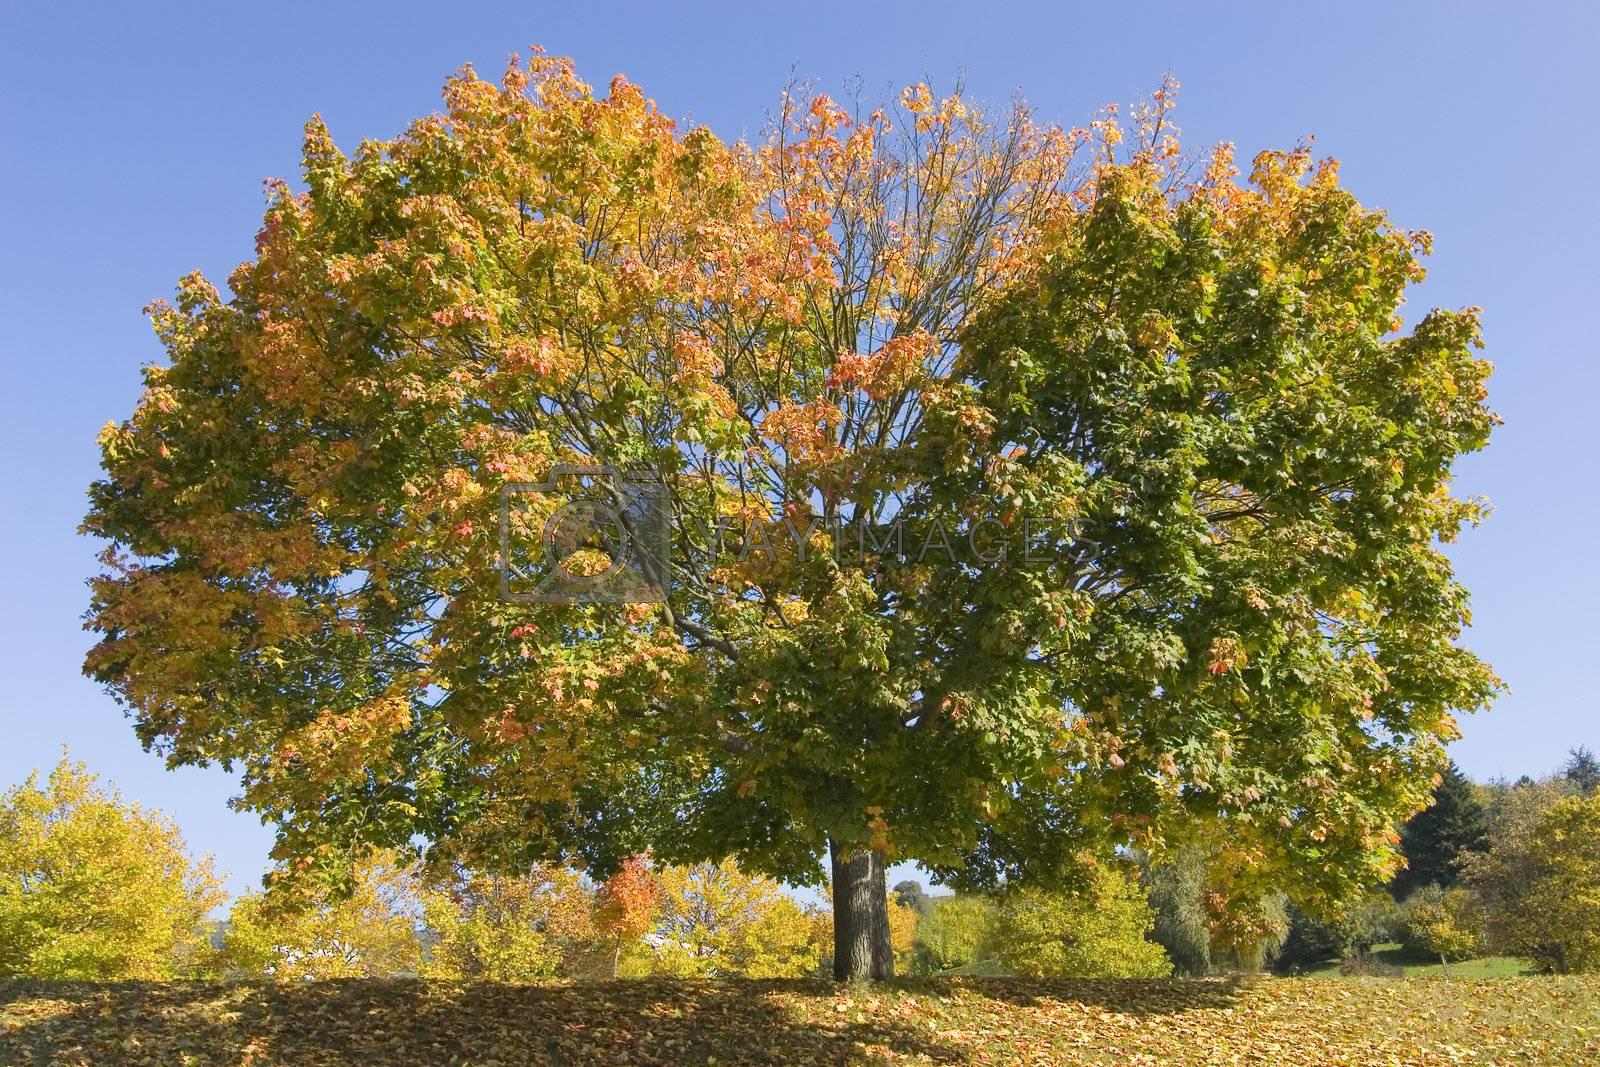 Maple tree in fall by ArtmannWitte